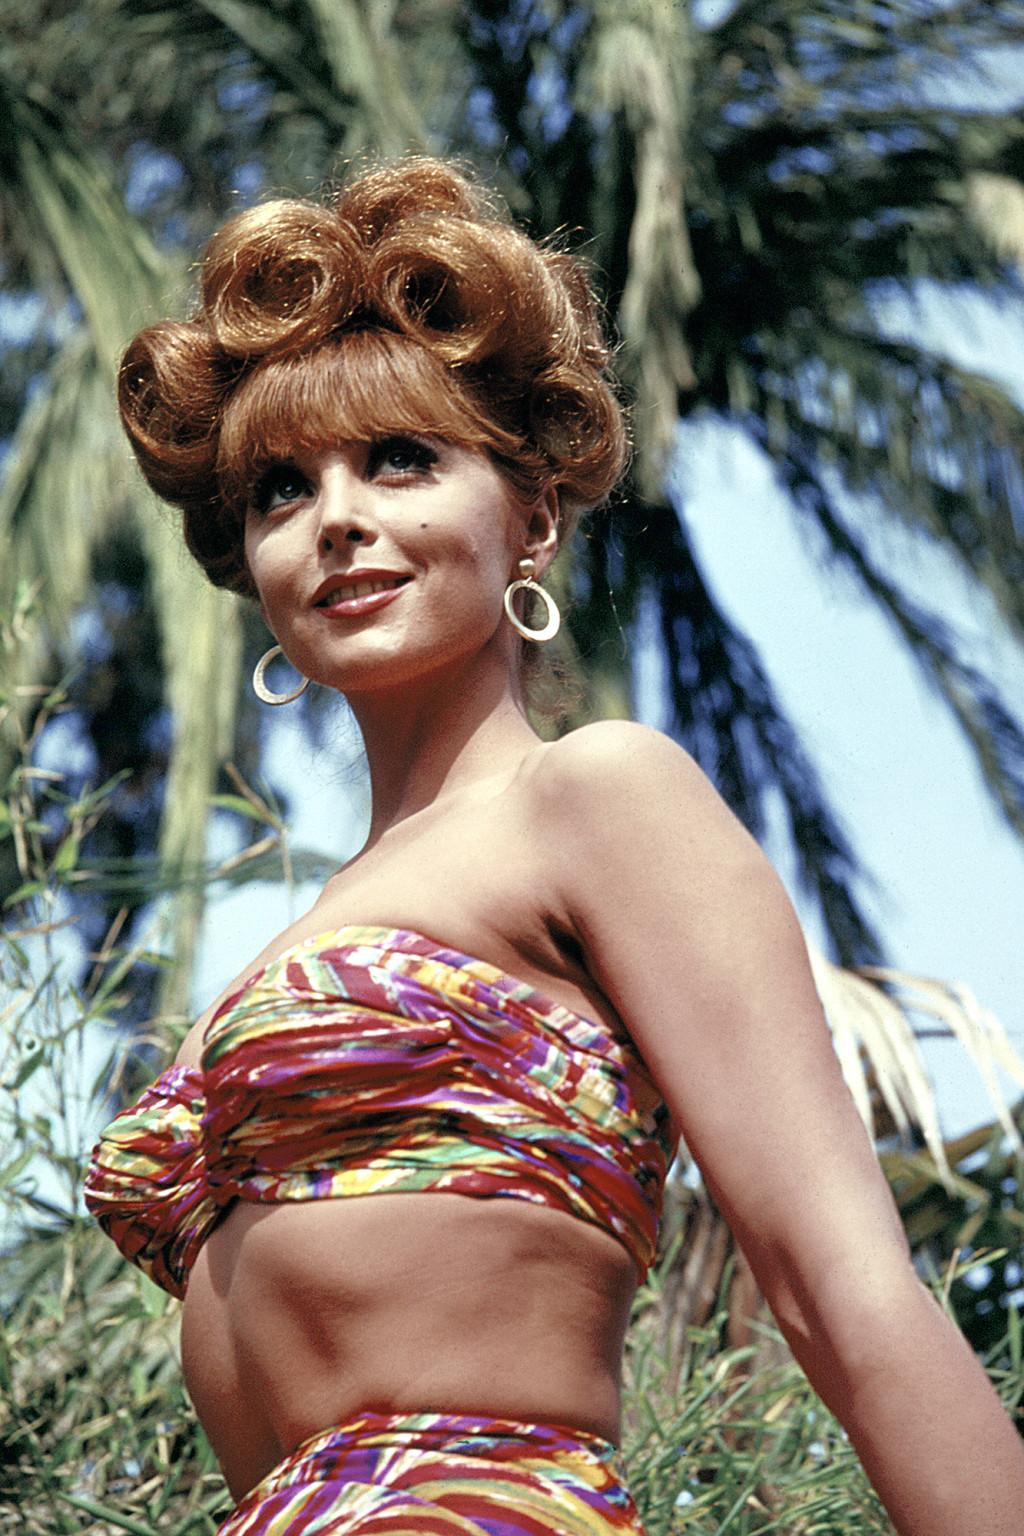 GILLIGAN'S ISLAND, Tina Louise, 1964-1967.